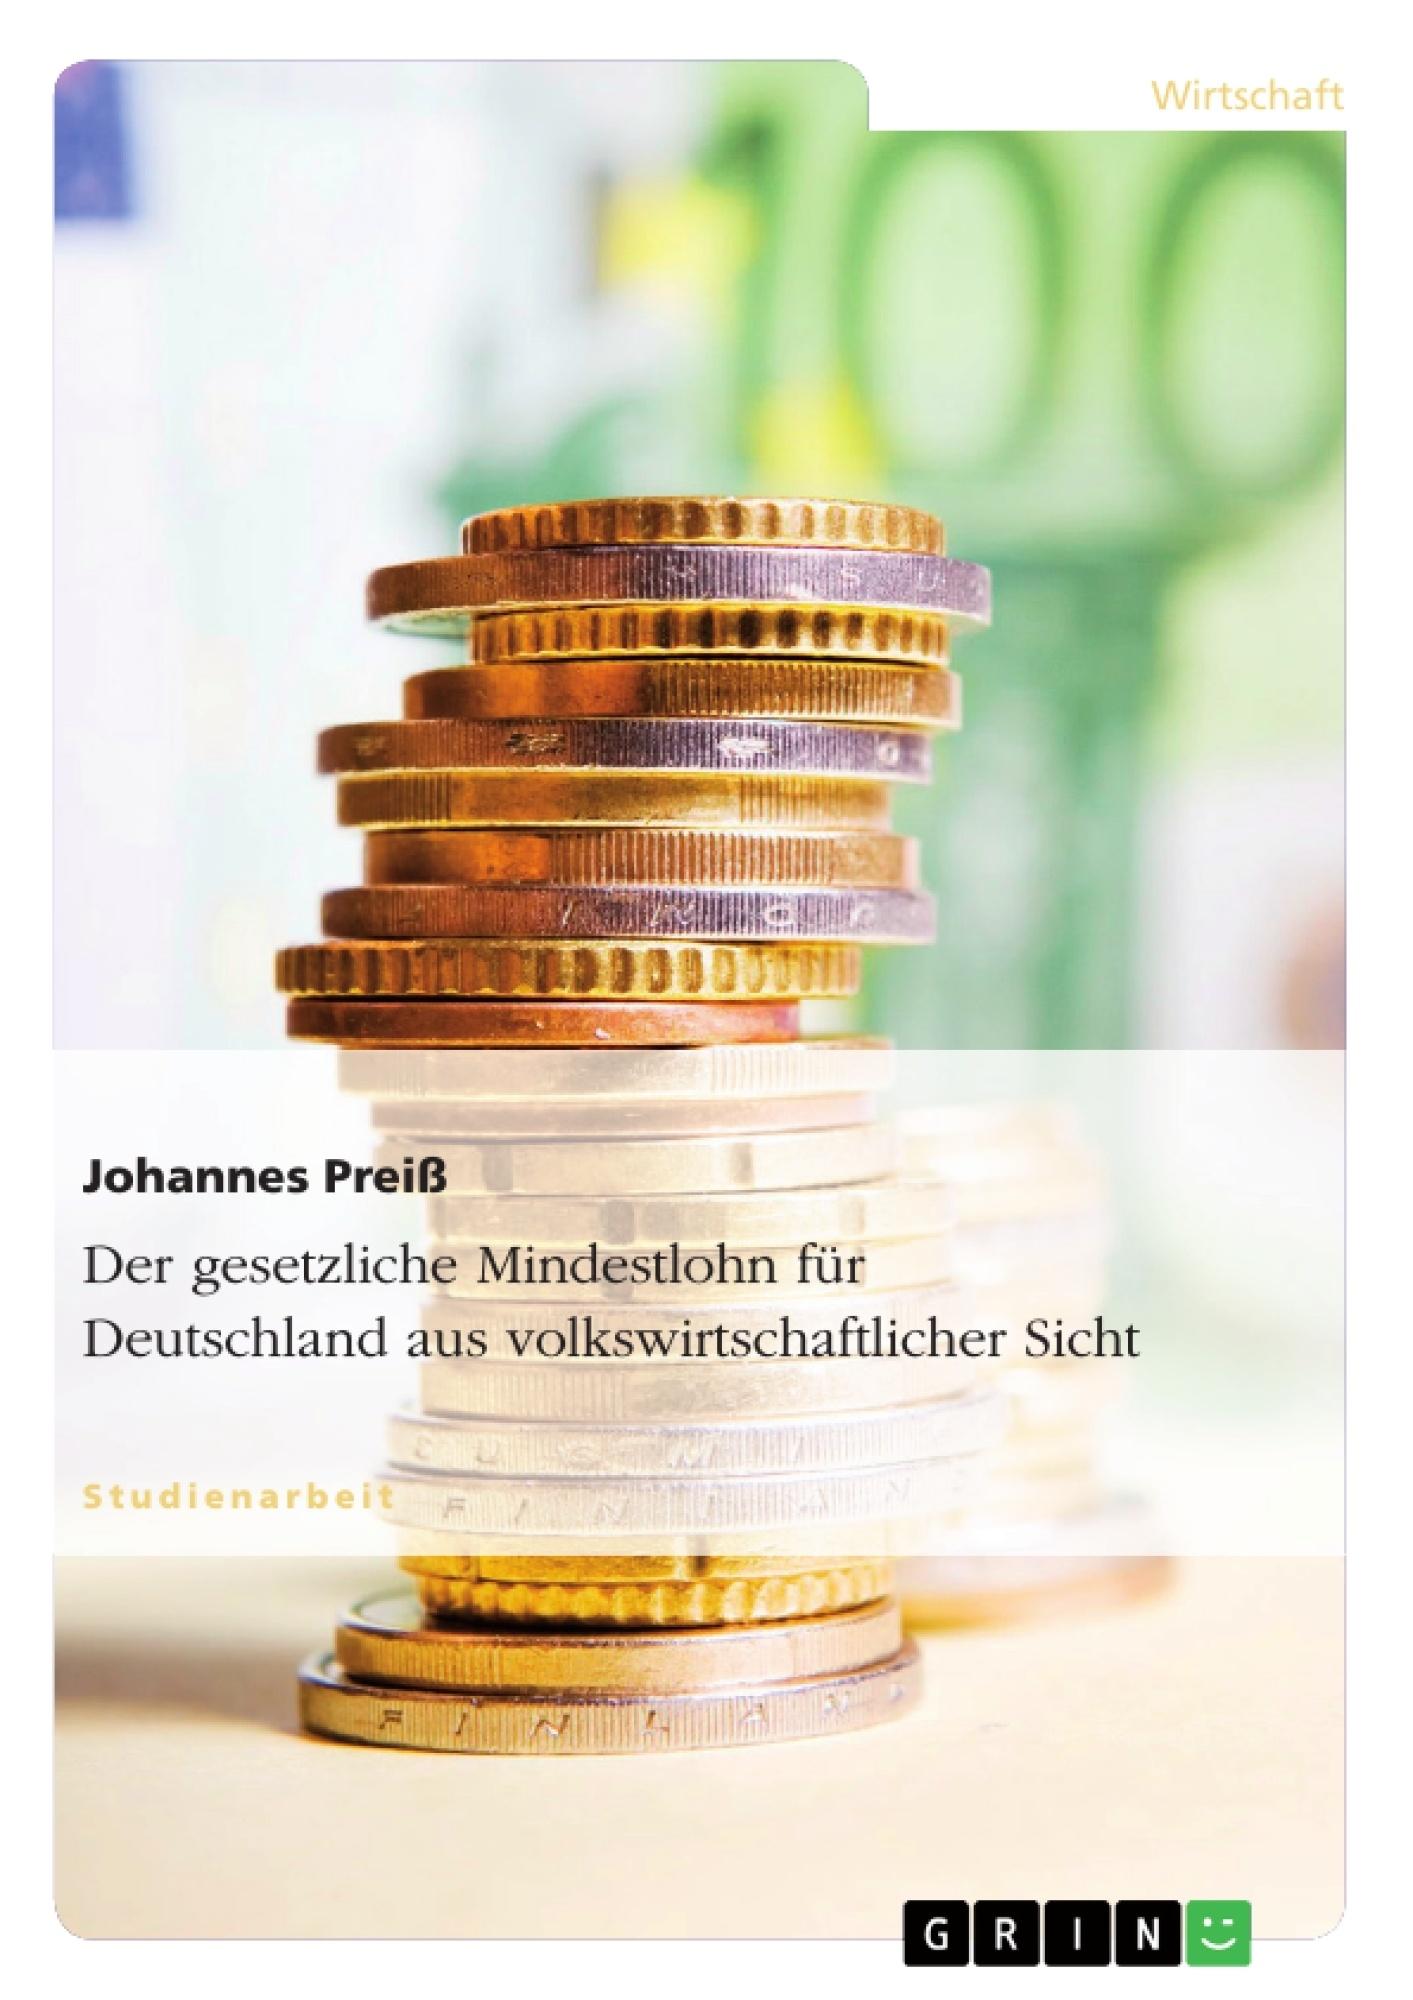 Titel: Der gesetzliche Mindestlohn für Deutschland aus volkswirtschaftlicher Sicht